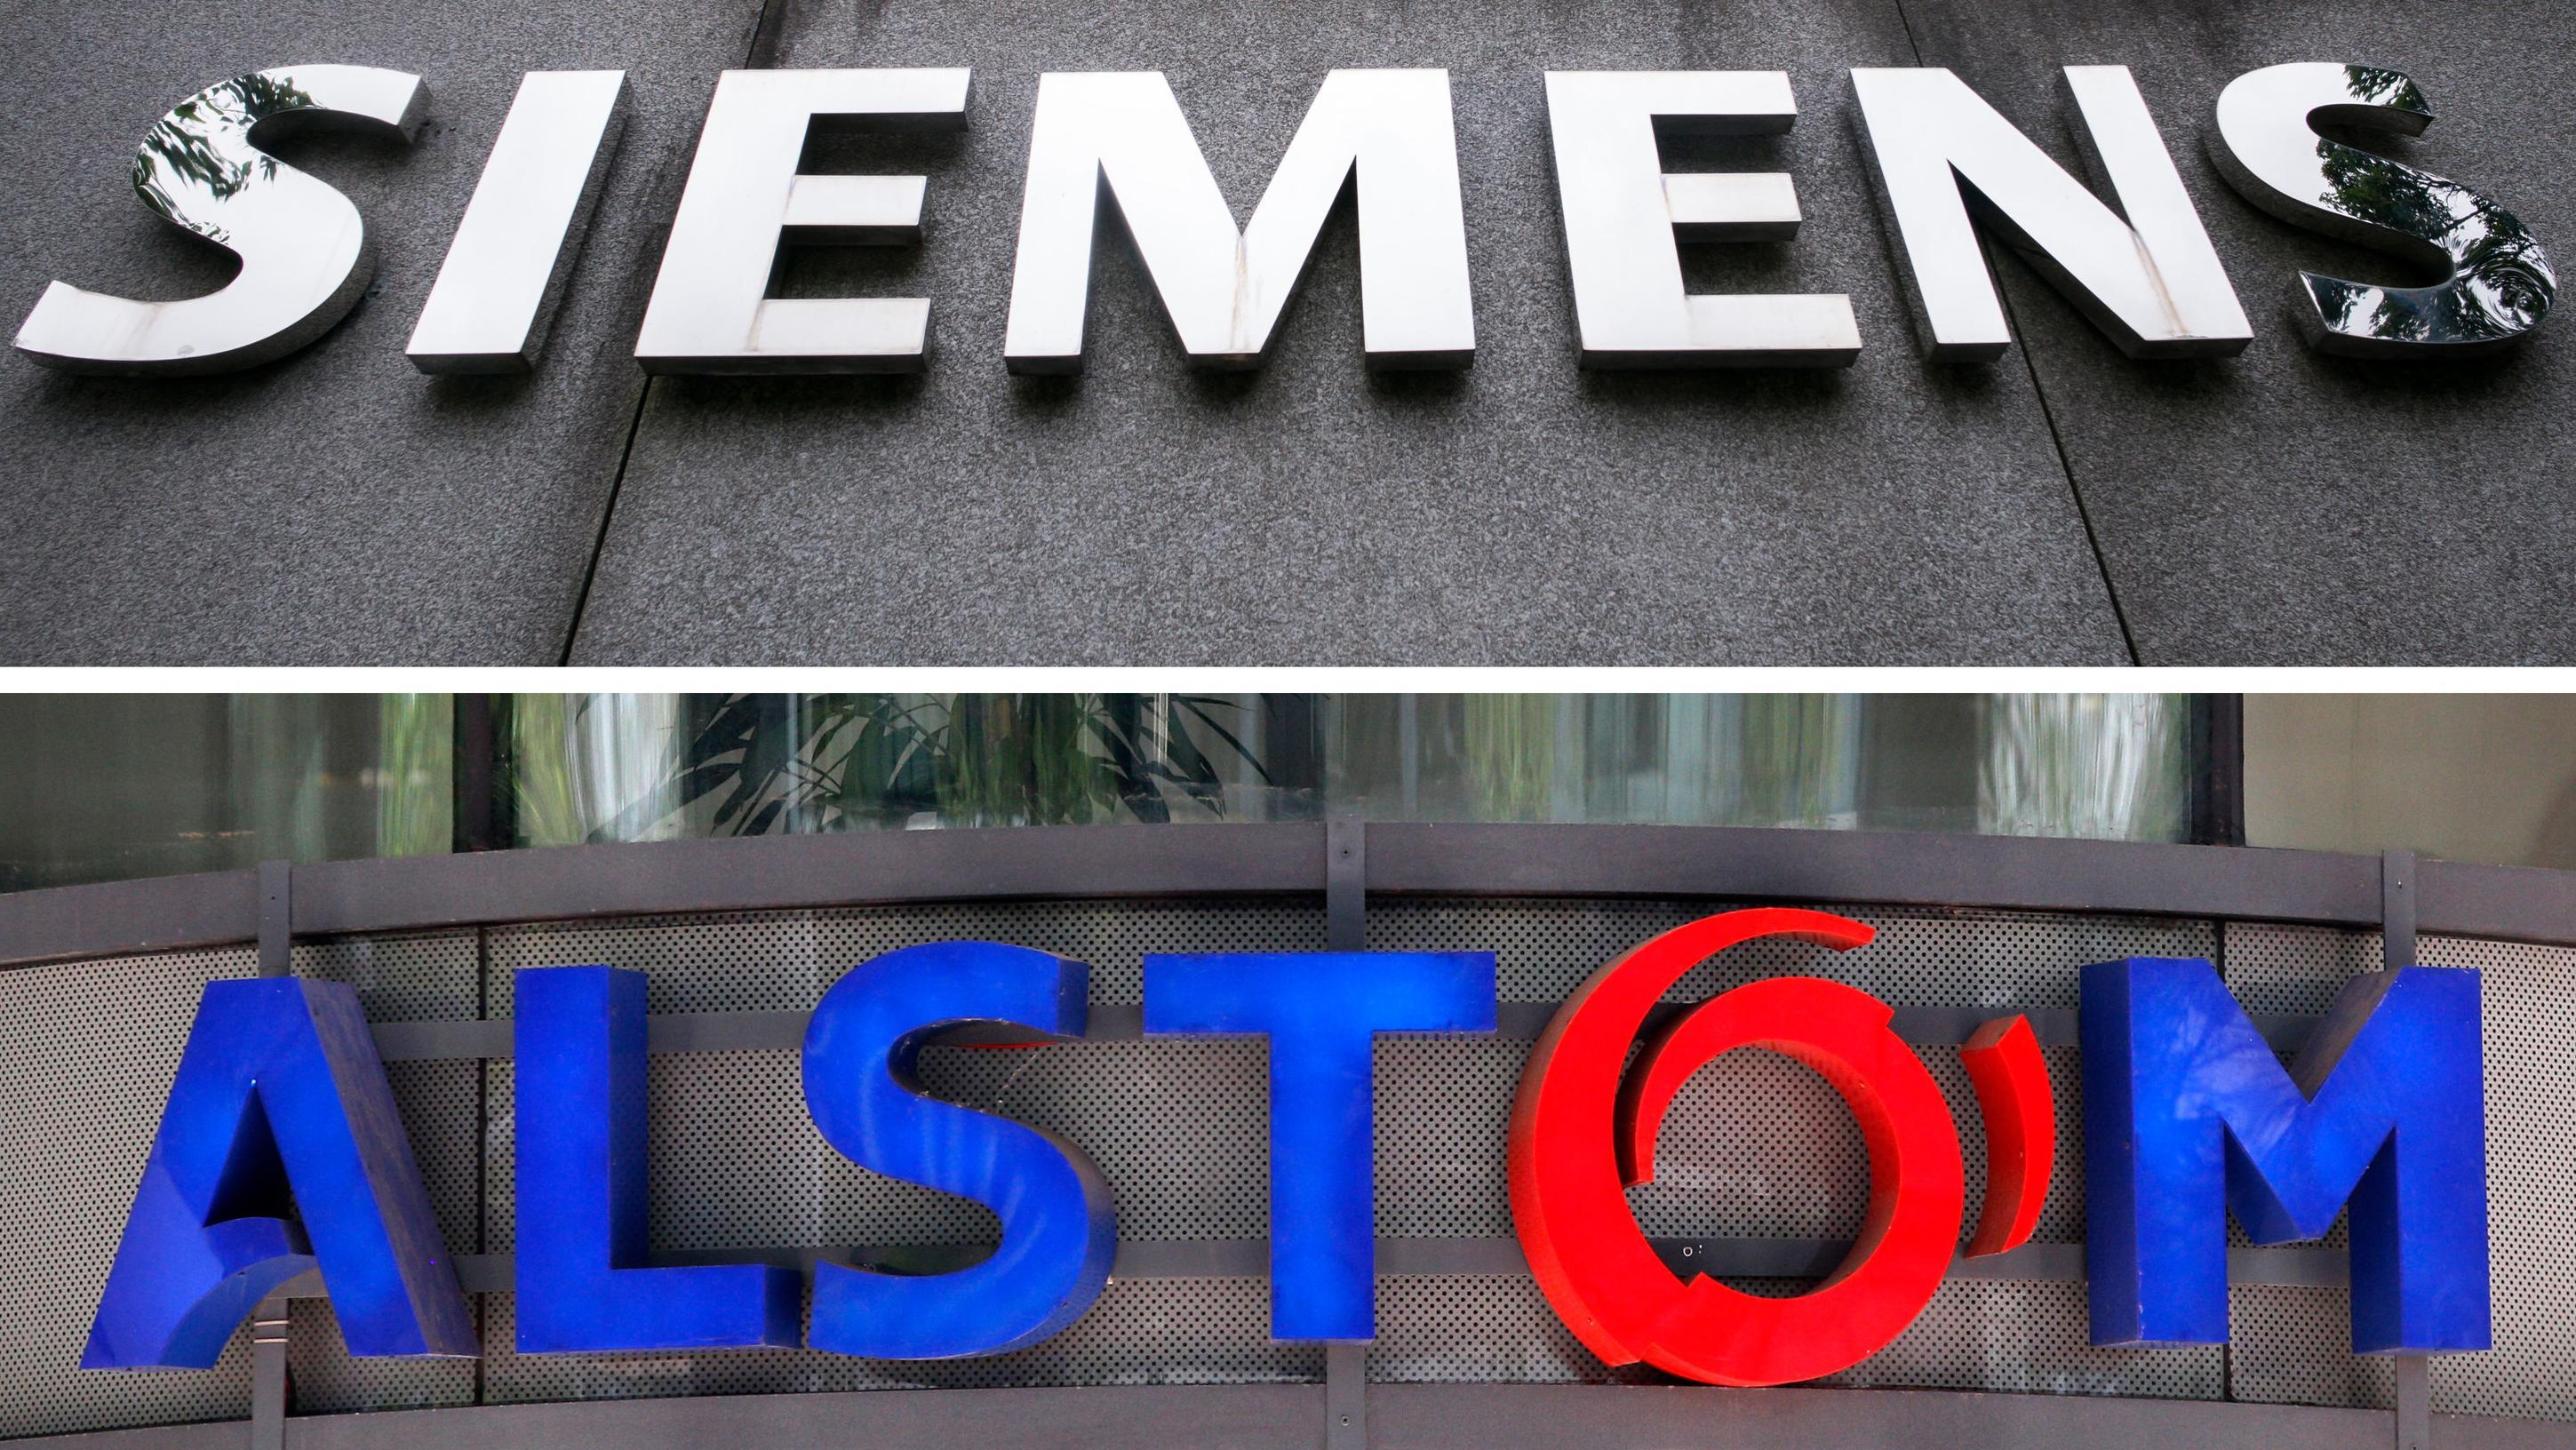 Aus der Traum vom europäischen Bahnchampion: Die Siemens-Alstom-Fusion ist geplatzt.